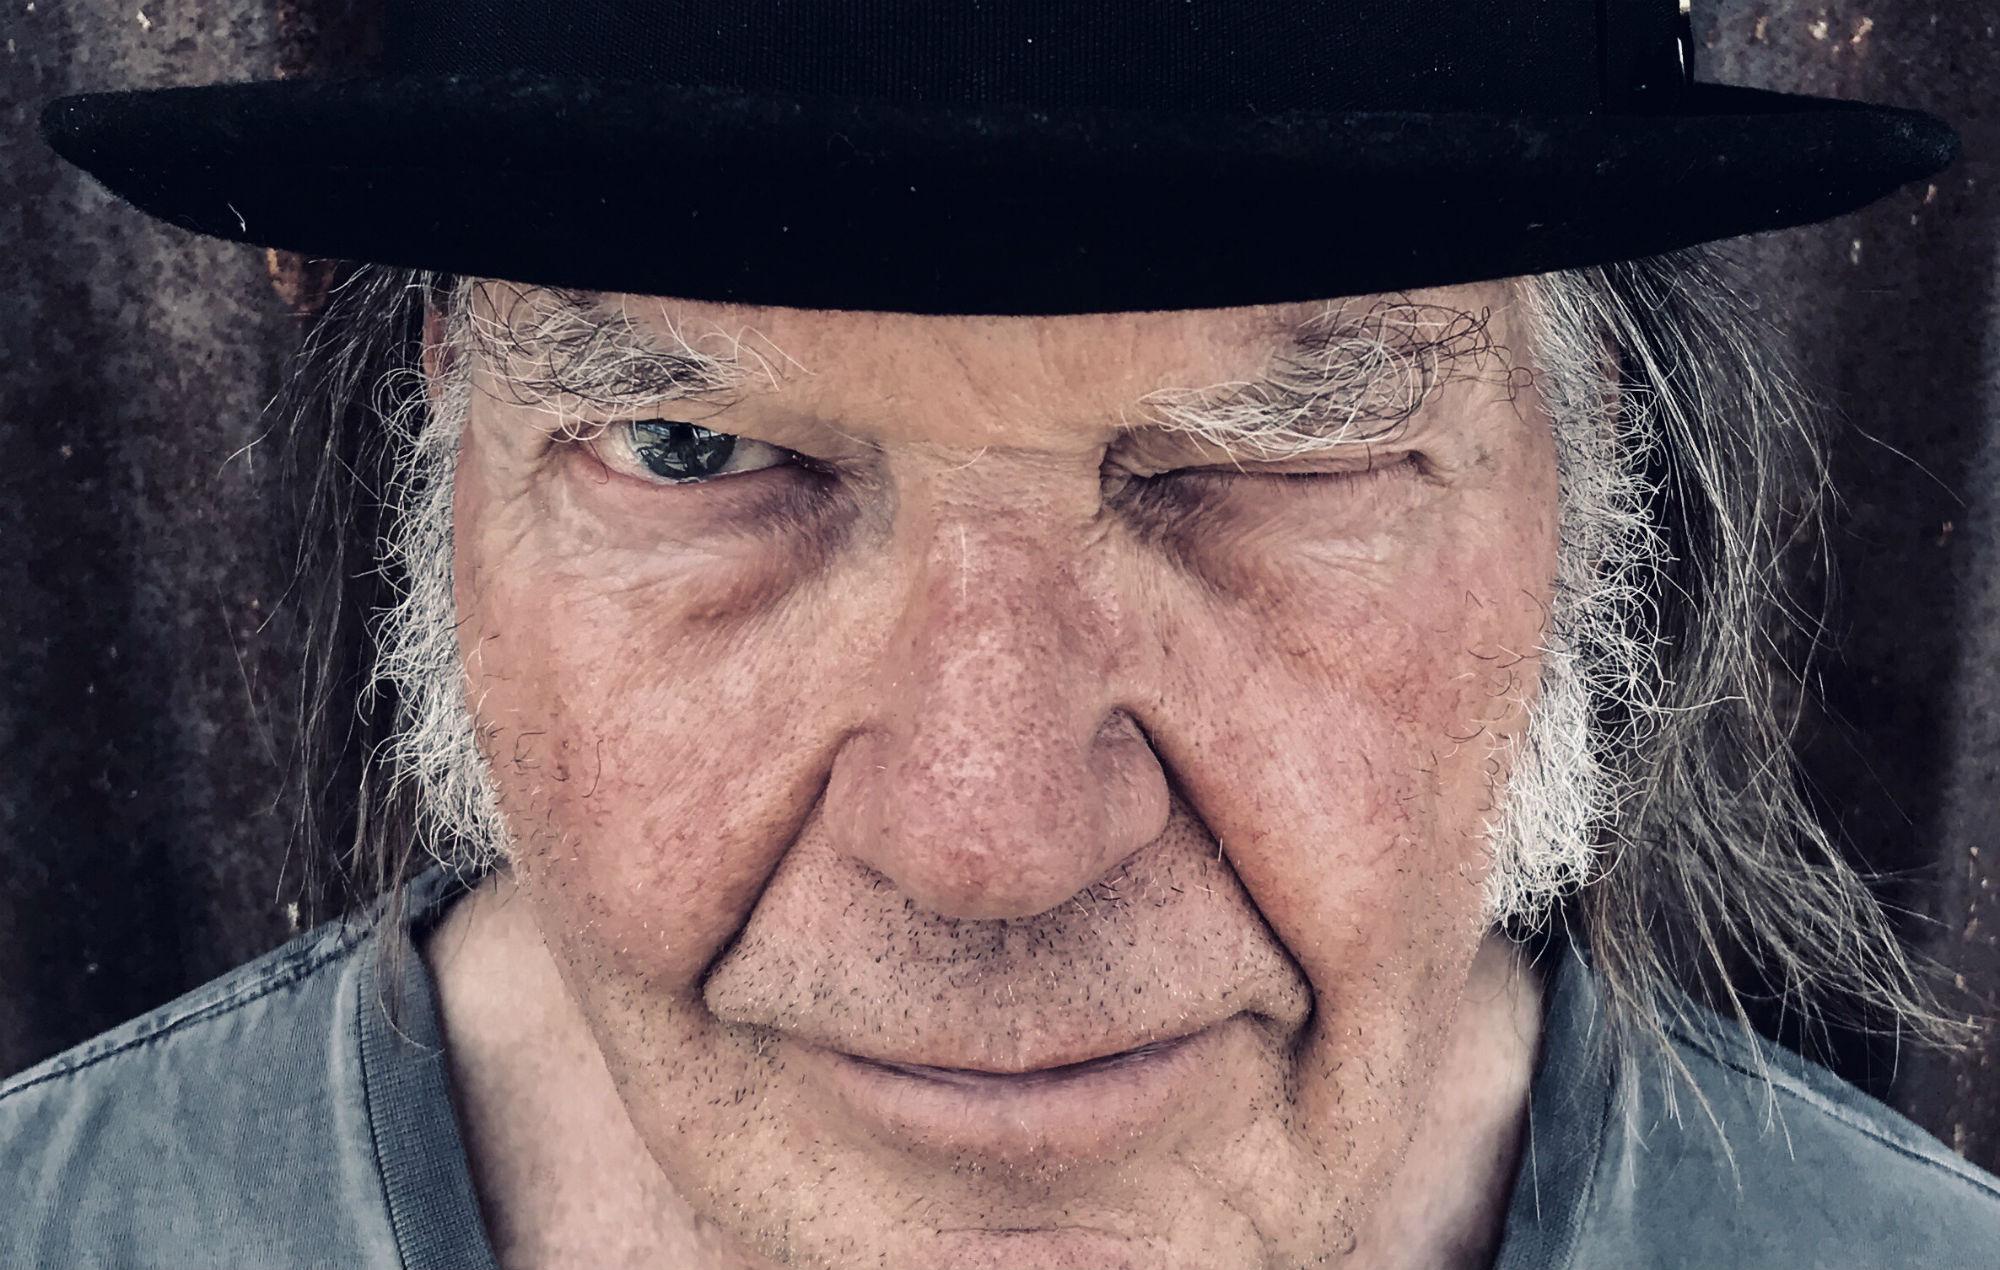 """Musica Internazionale, Nuove Uscite. Neil Young: dopo l'ultima fatica """"Colorado"""", il rocker canadese annuncia l'uscita di un album inedito nel 2020"""